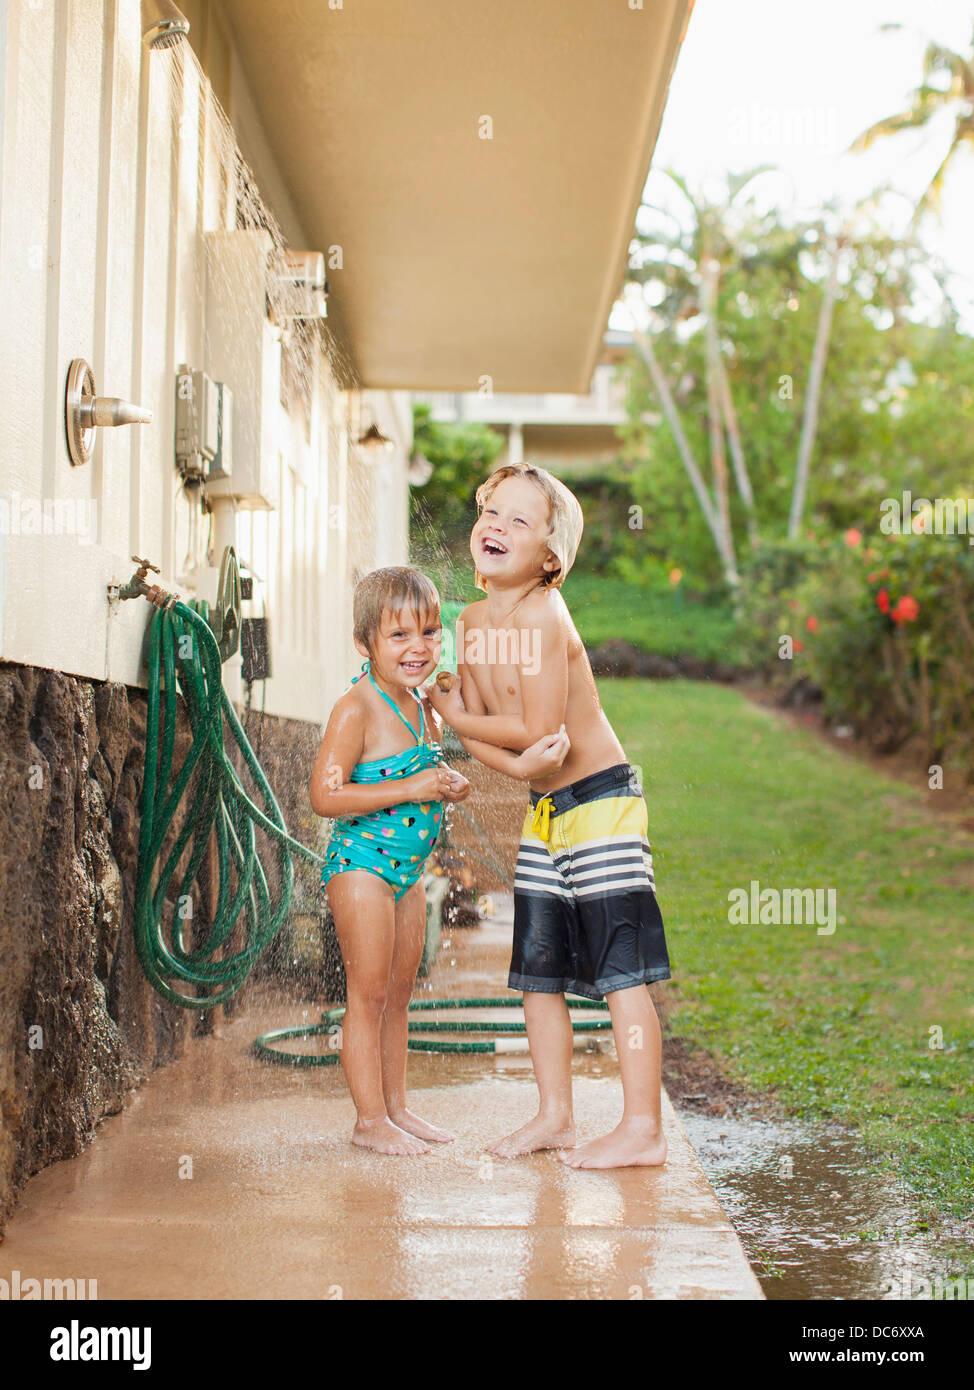 Children in shower